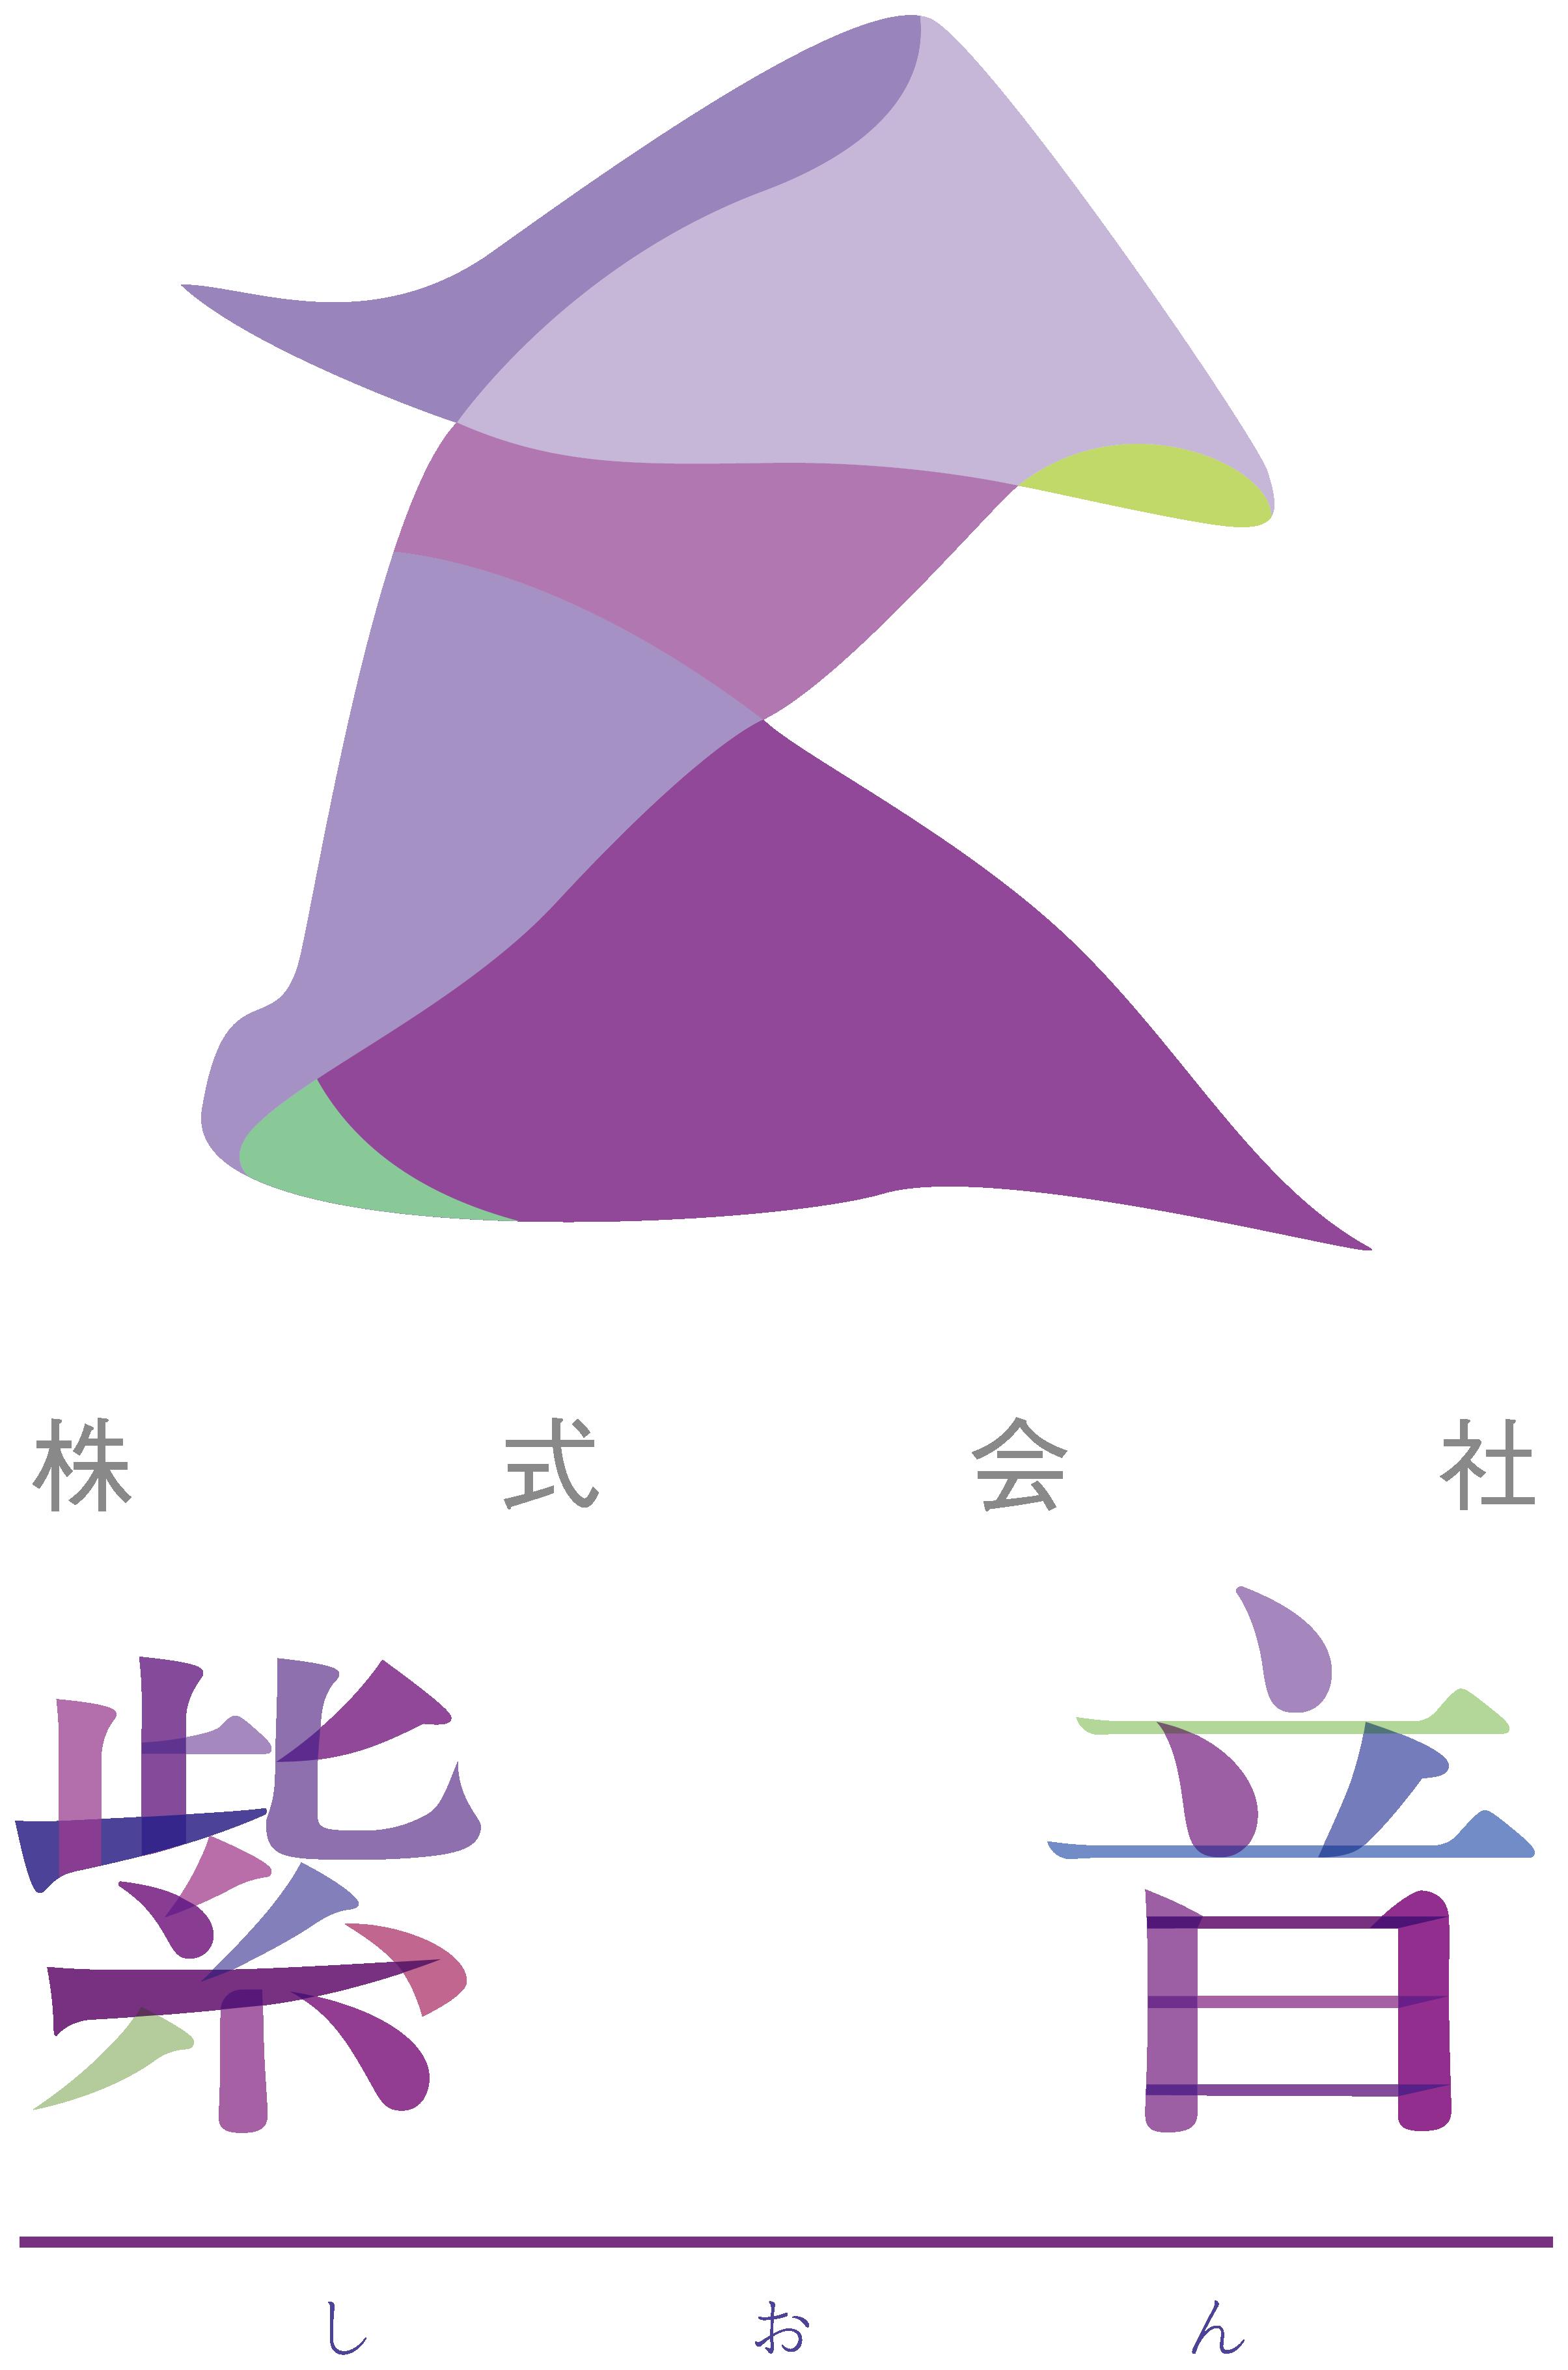 建築/建設/設備/設計/造園と凝っている/複雑と紫のロゴ